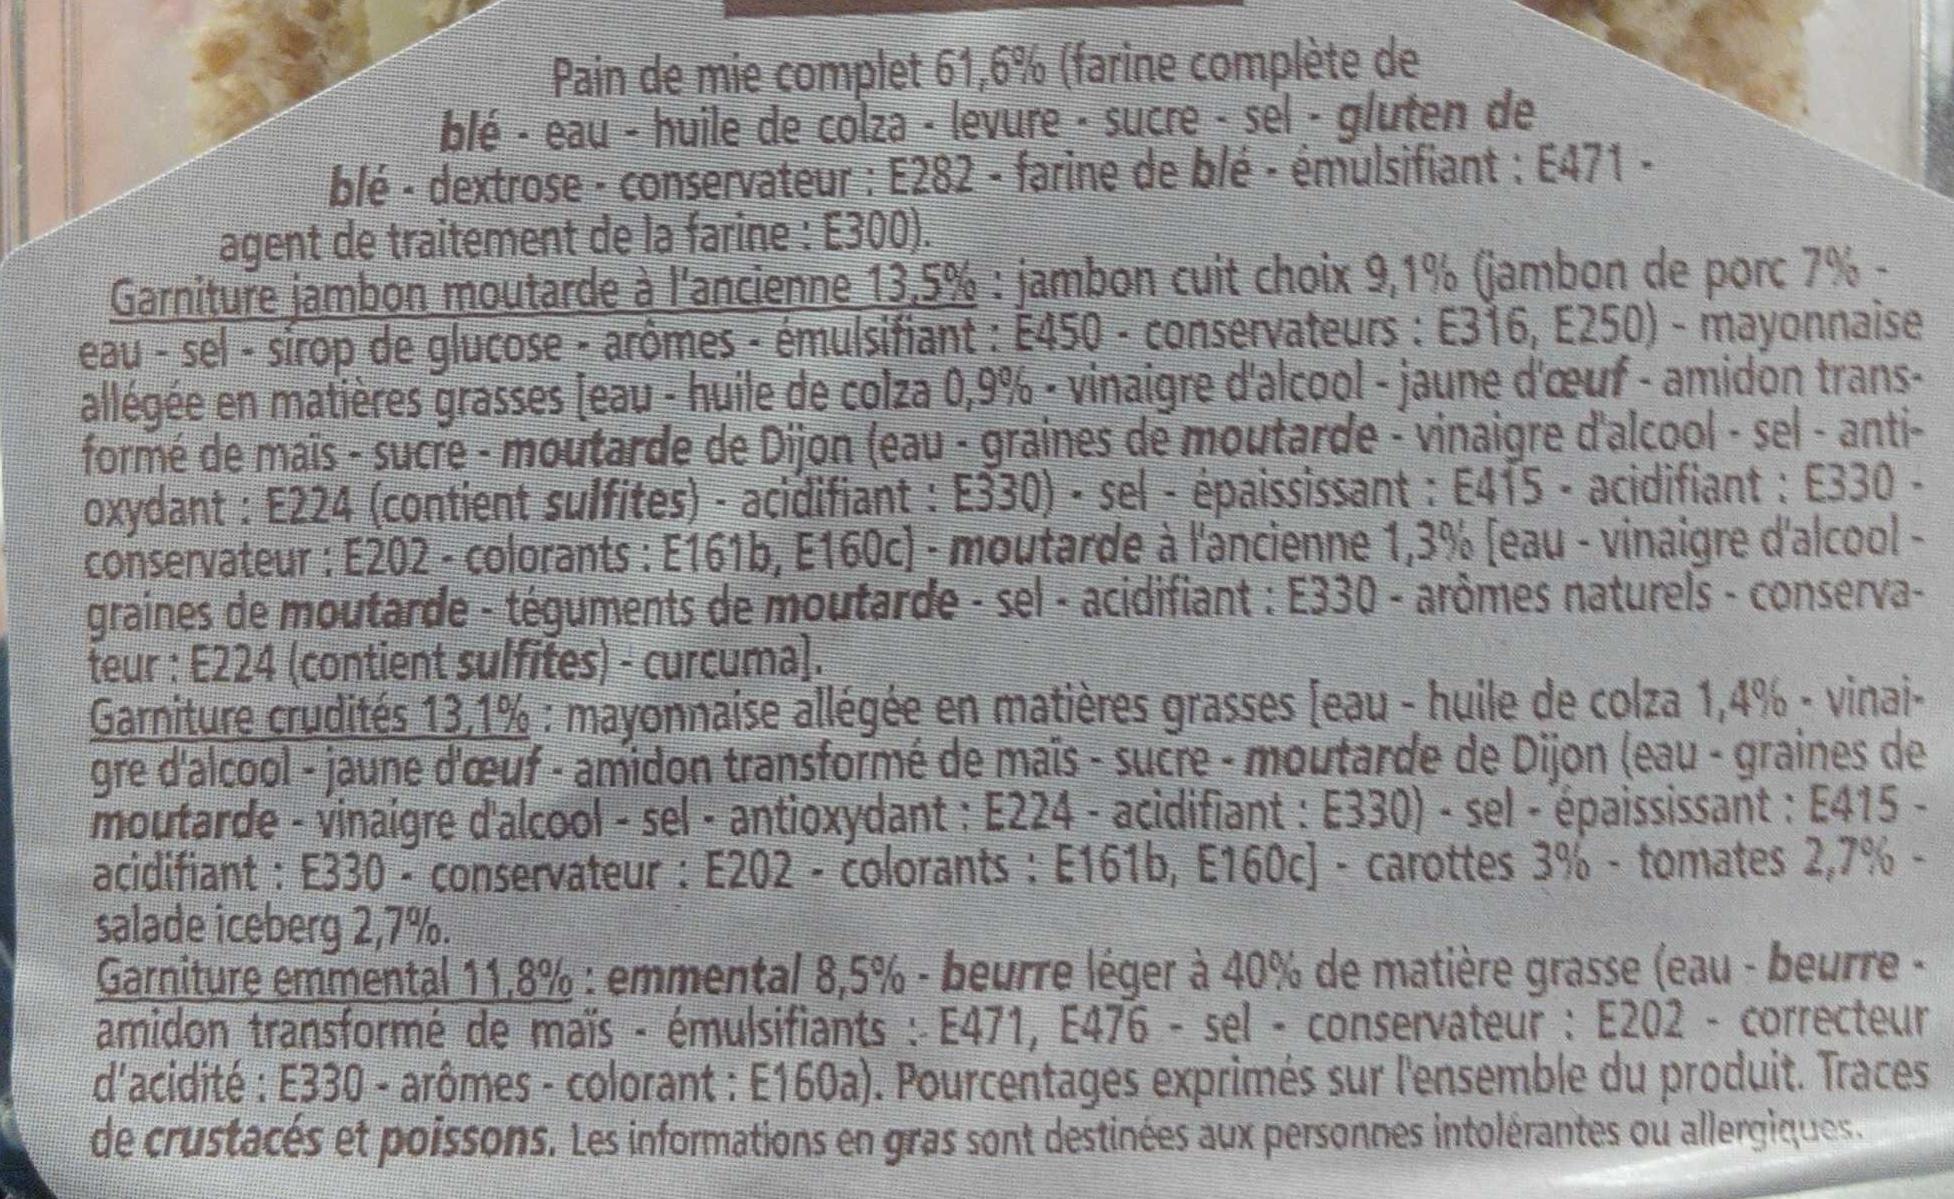 les Trios Pain Complet - Jambon, Moutarde - Crudités - Emmental - Ingredients